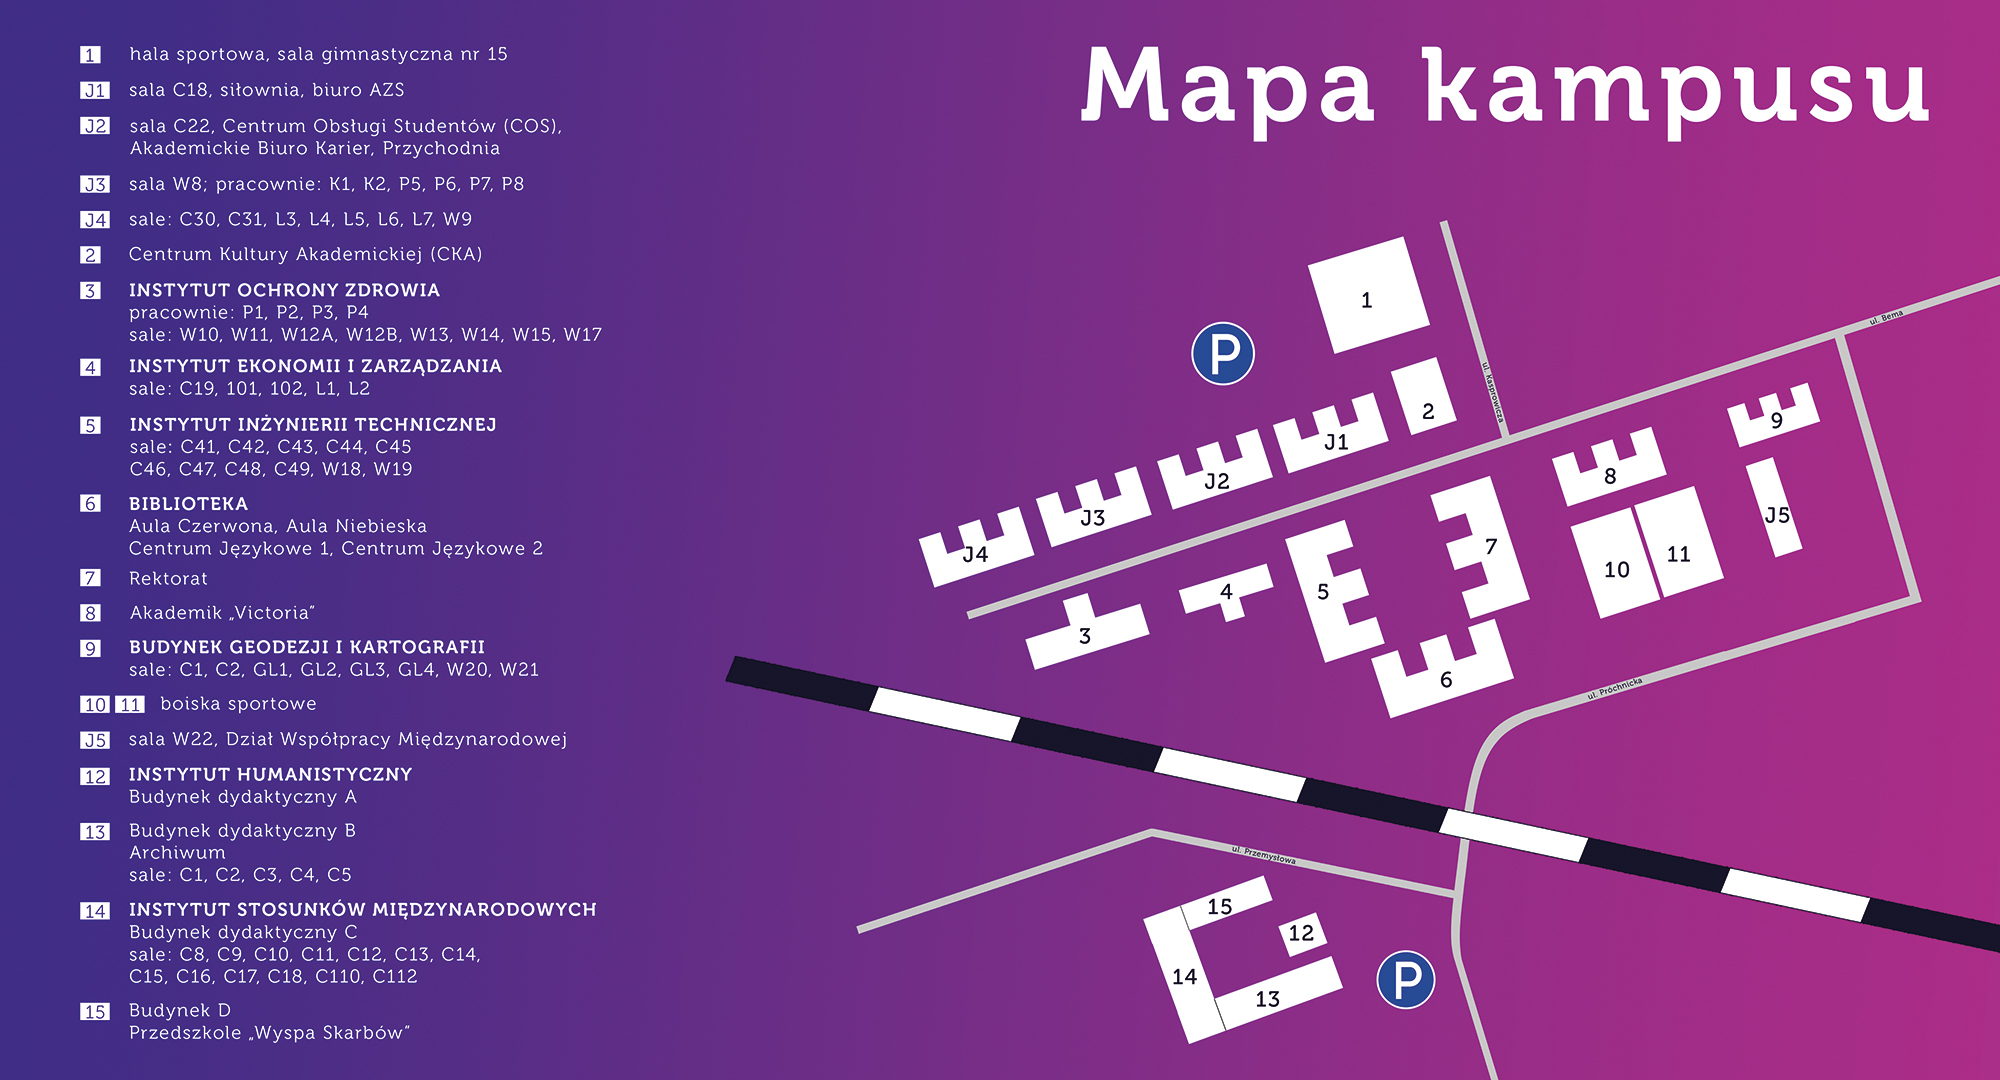 mapa kampusu